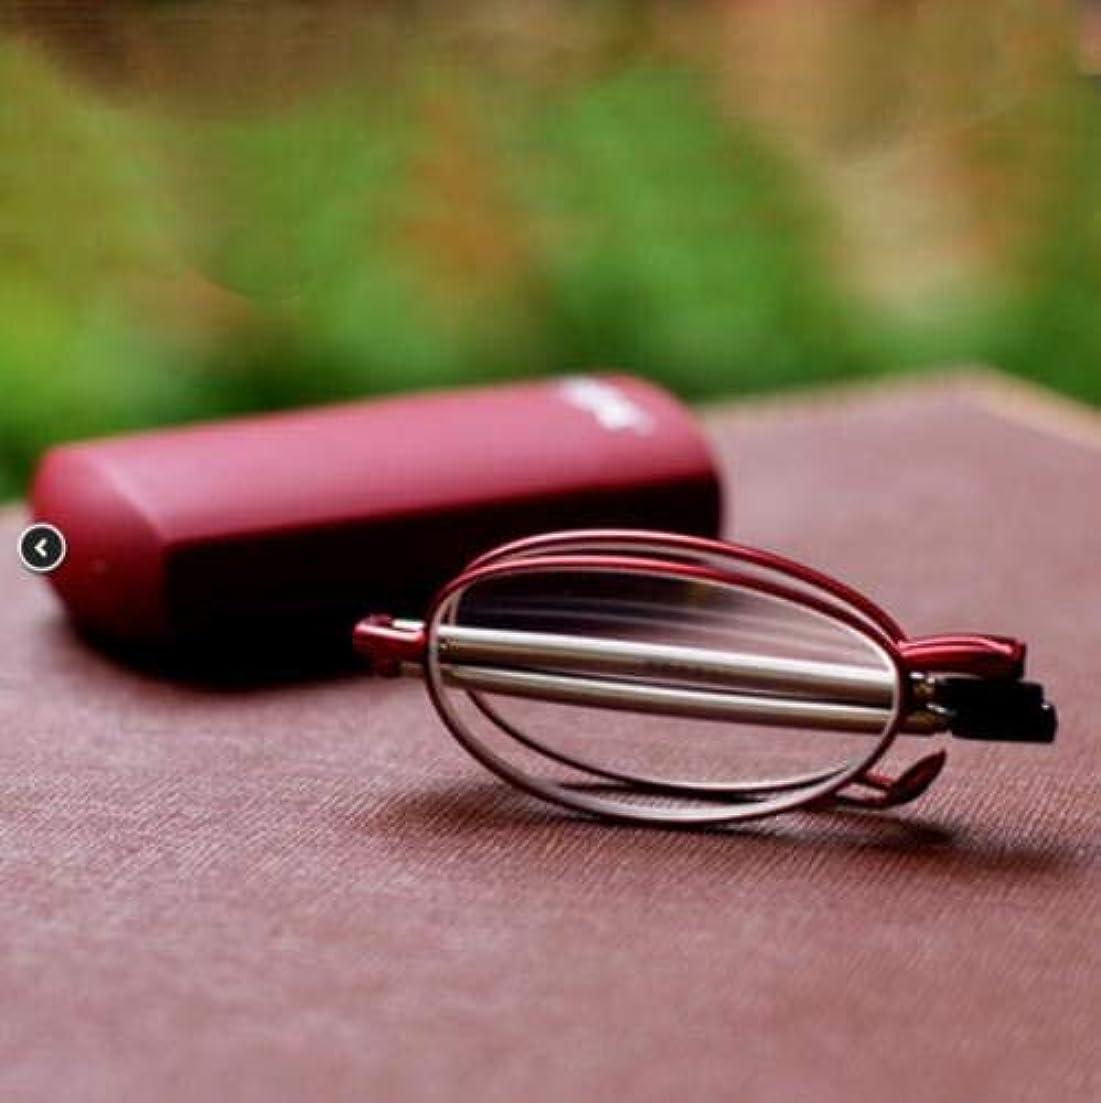 ぴかぴか強調する横FidgetGear 折りたたみポータブルメガネ高品質抗疲労老眼眼鏡1.0?+ 4.0 ワインレッド